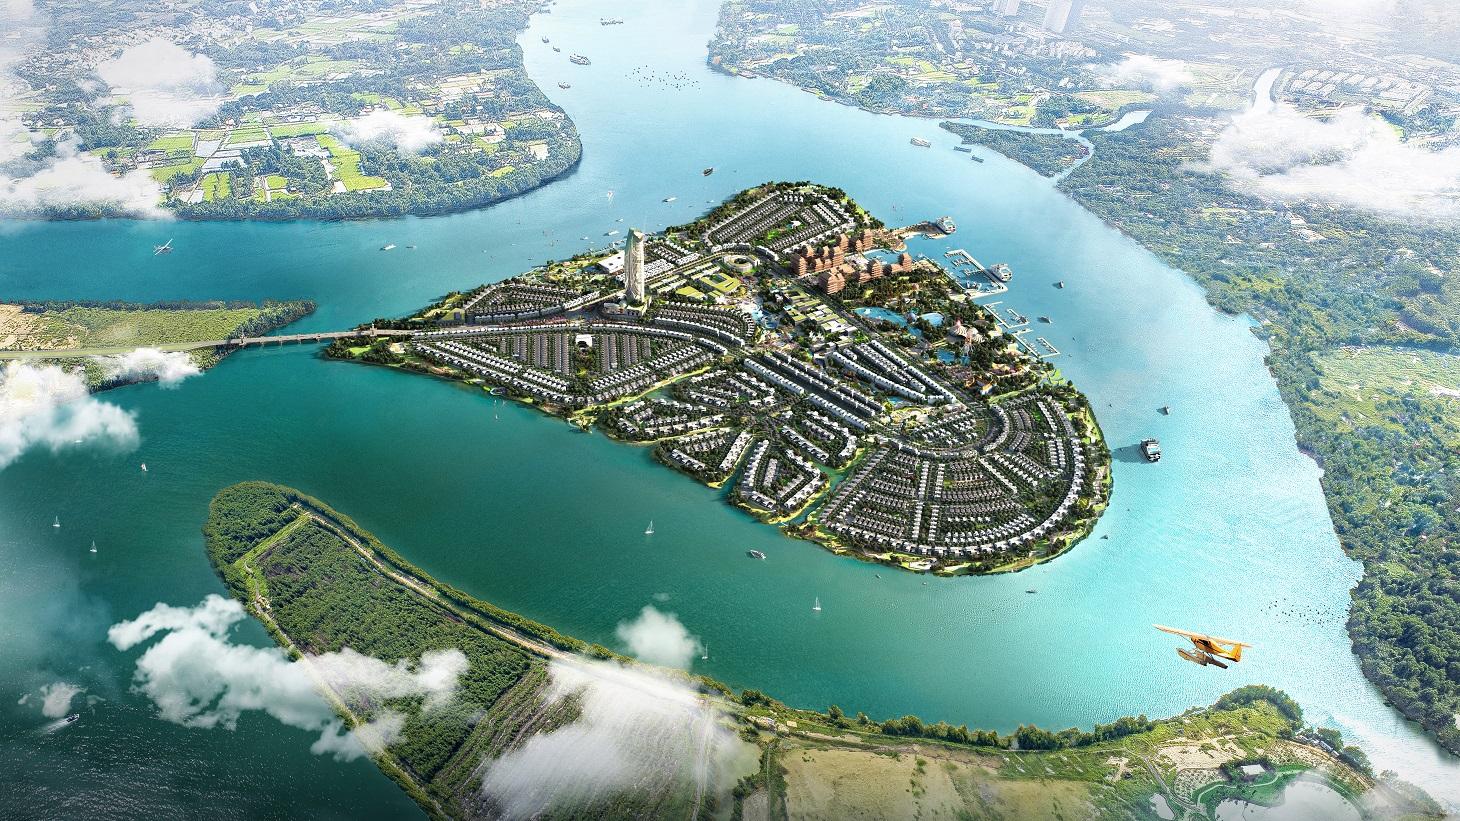 20210119140216 b318 Tin thị trường BĐS mới: Đảo sinh thái gần trung tâm TP.HCM